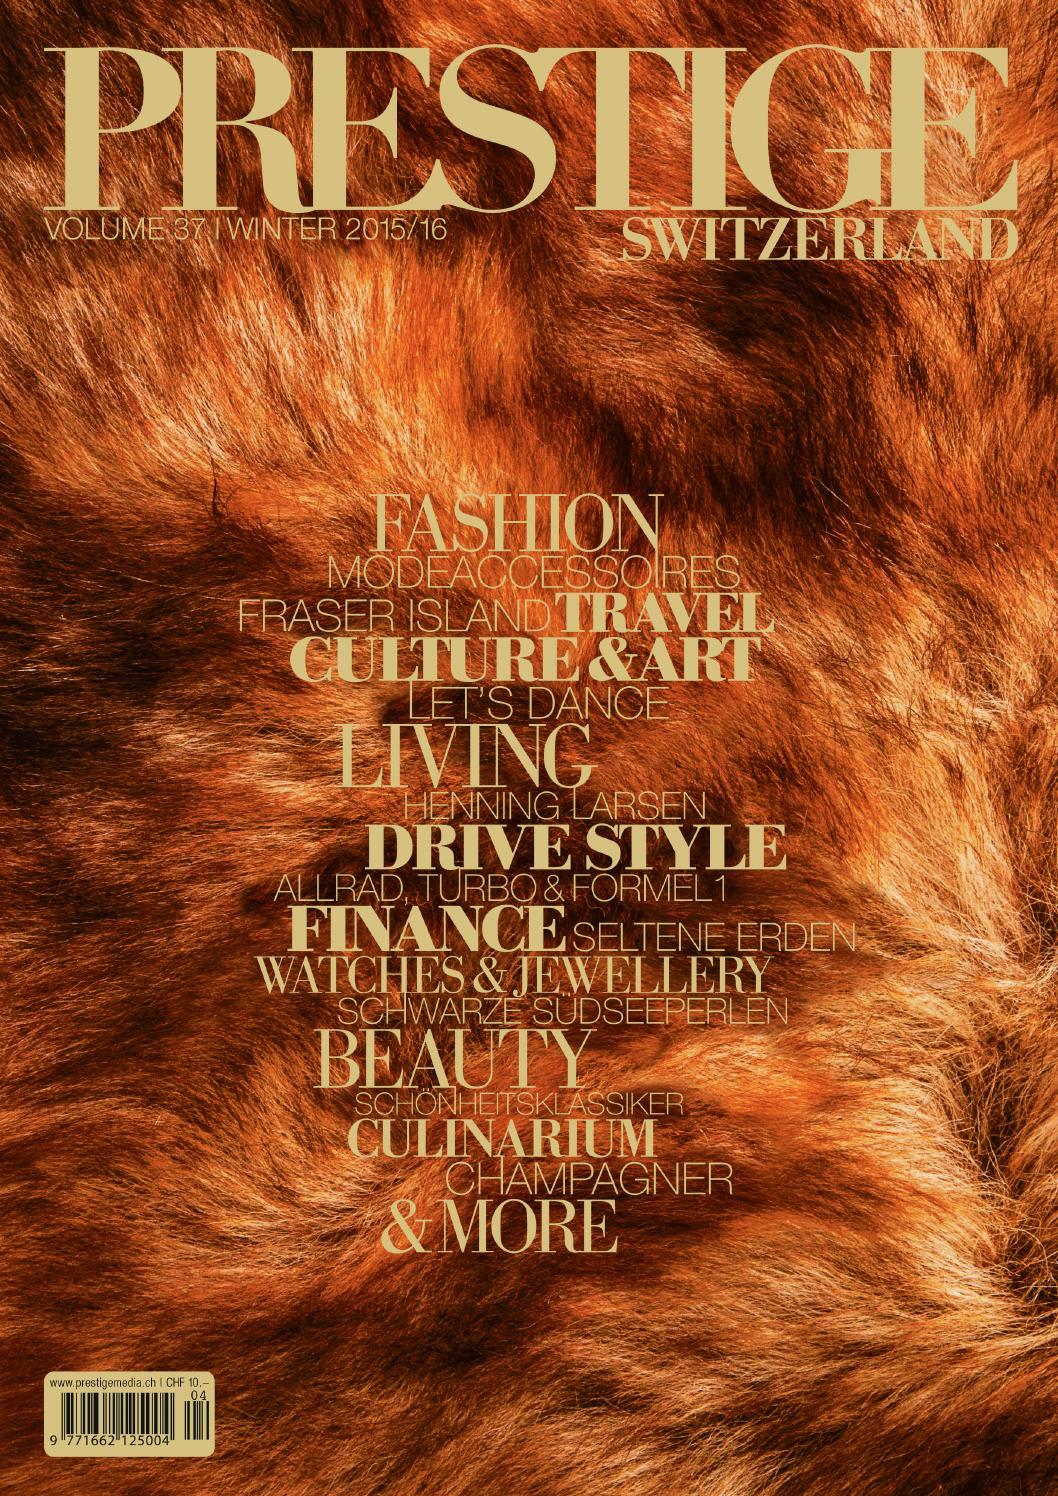 PRESTIGE Switzerland Volume 37 by rundschauMEDIEN AG - issuu